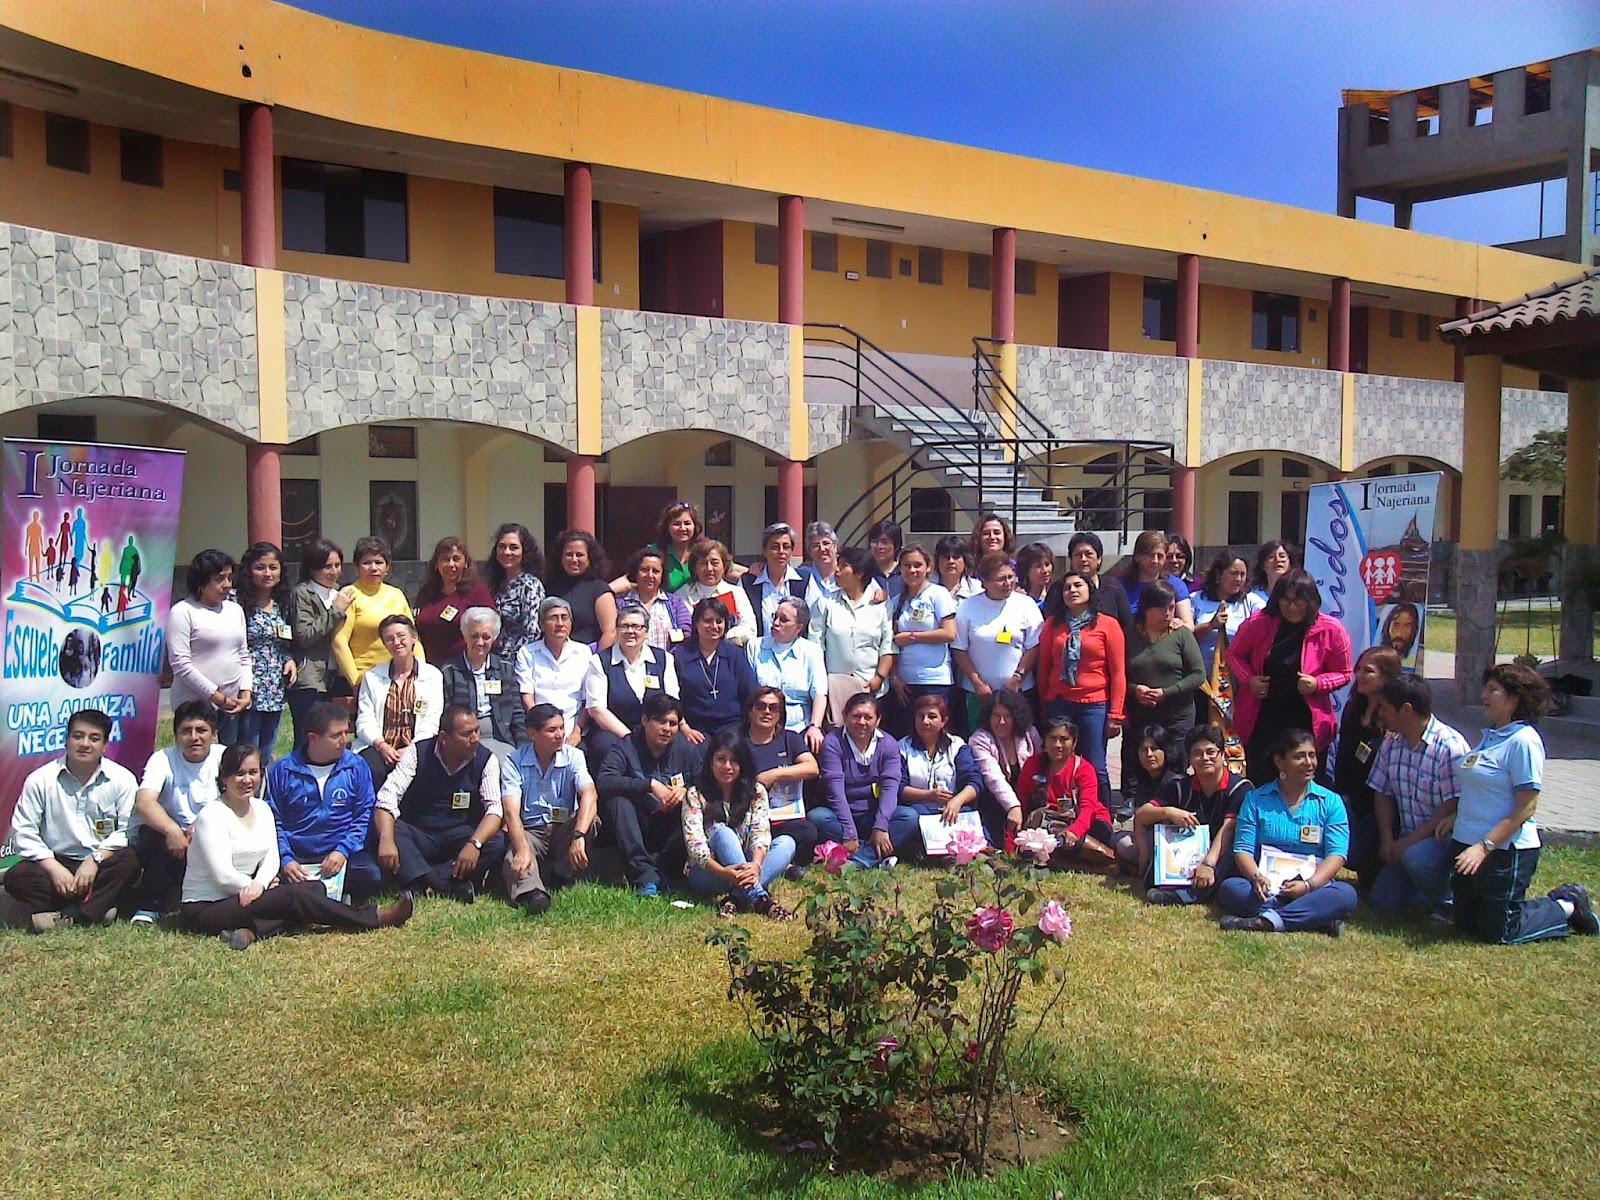 Gracias hermanos y hermanas deTrujillo, Chiclayo, Ventanilla, Lima y